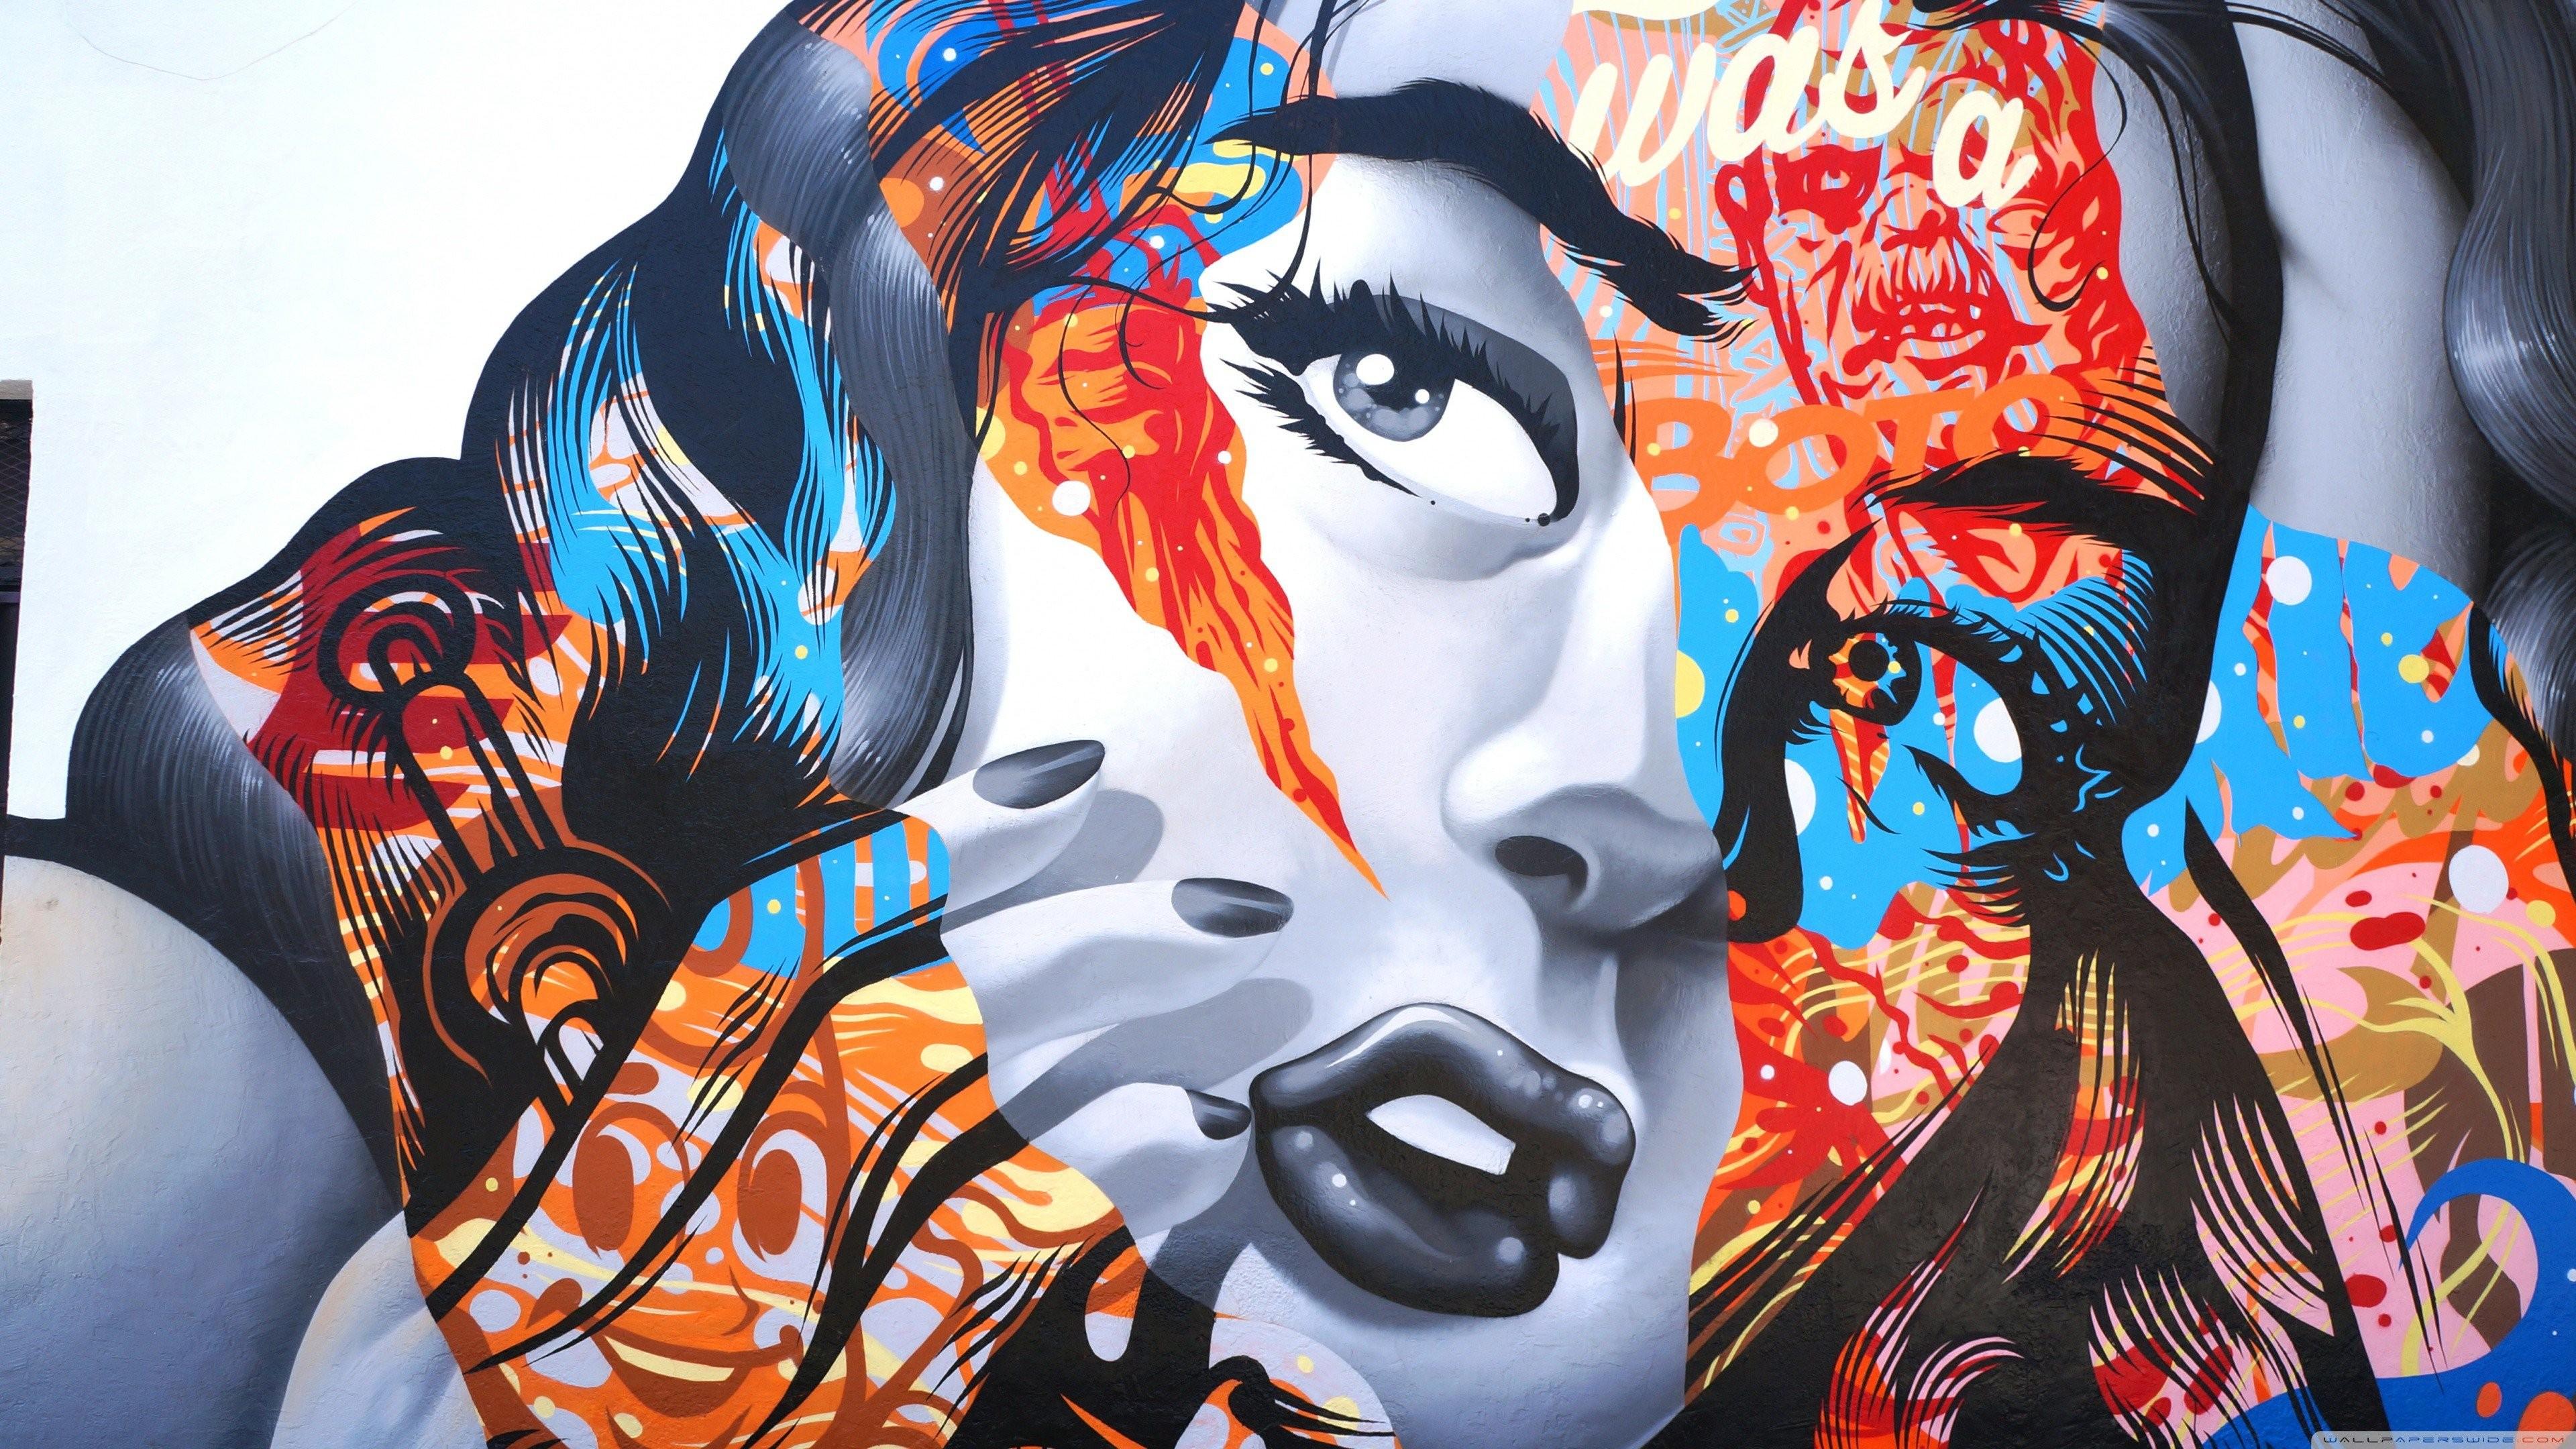 Graffiti Wallpaper Hd Wallpaper Bioshock Infinite Graffiti Girl Games 10947